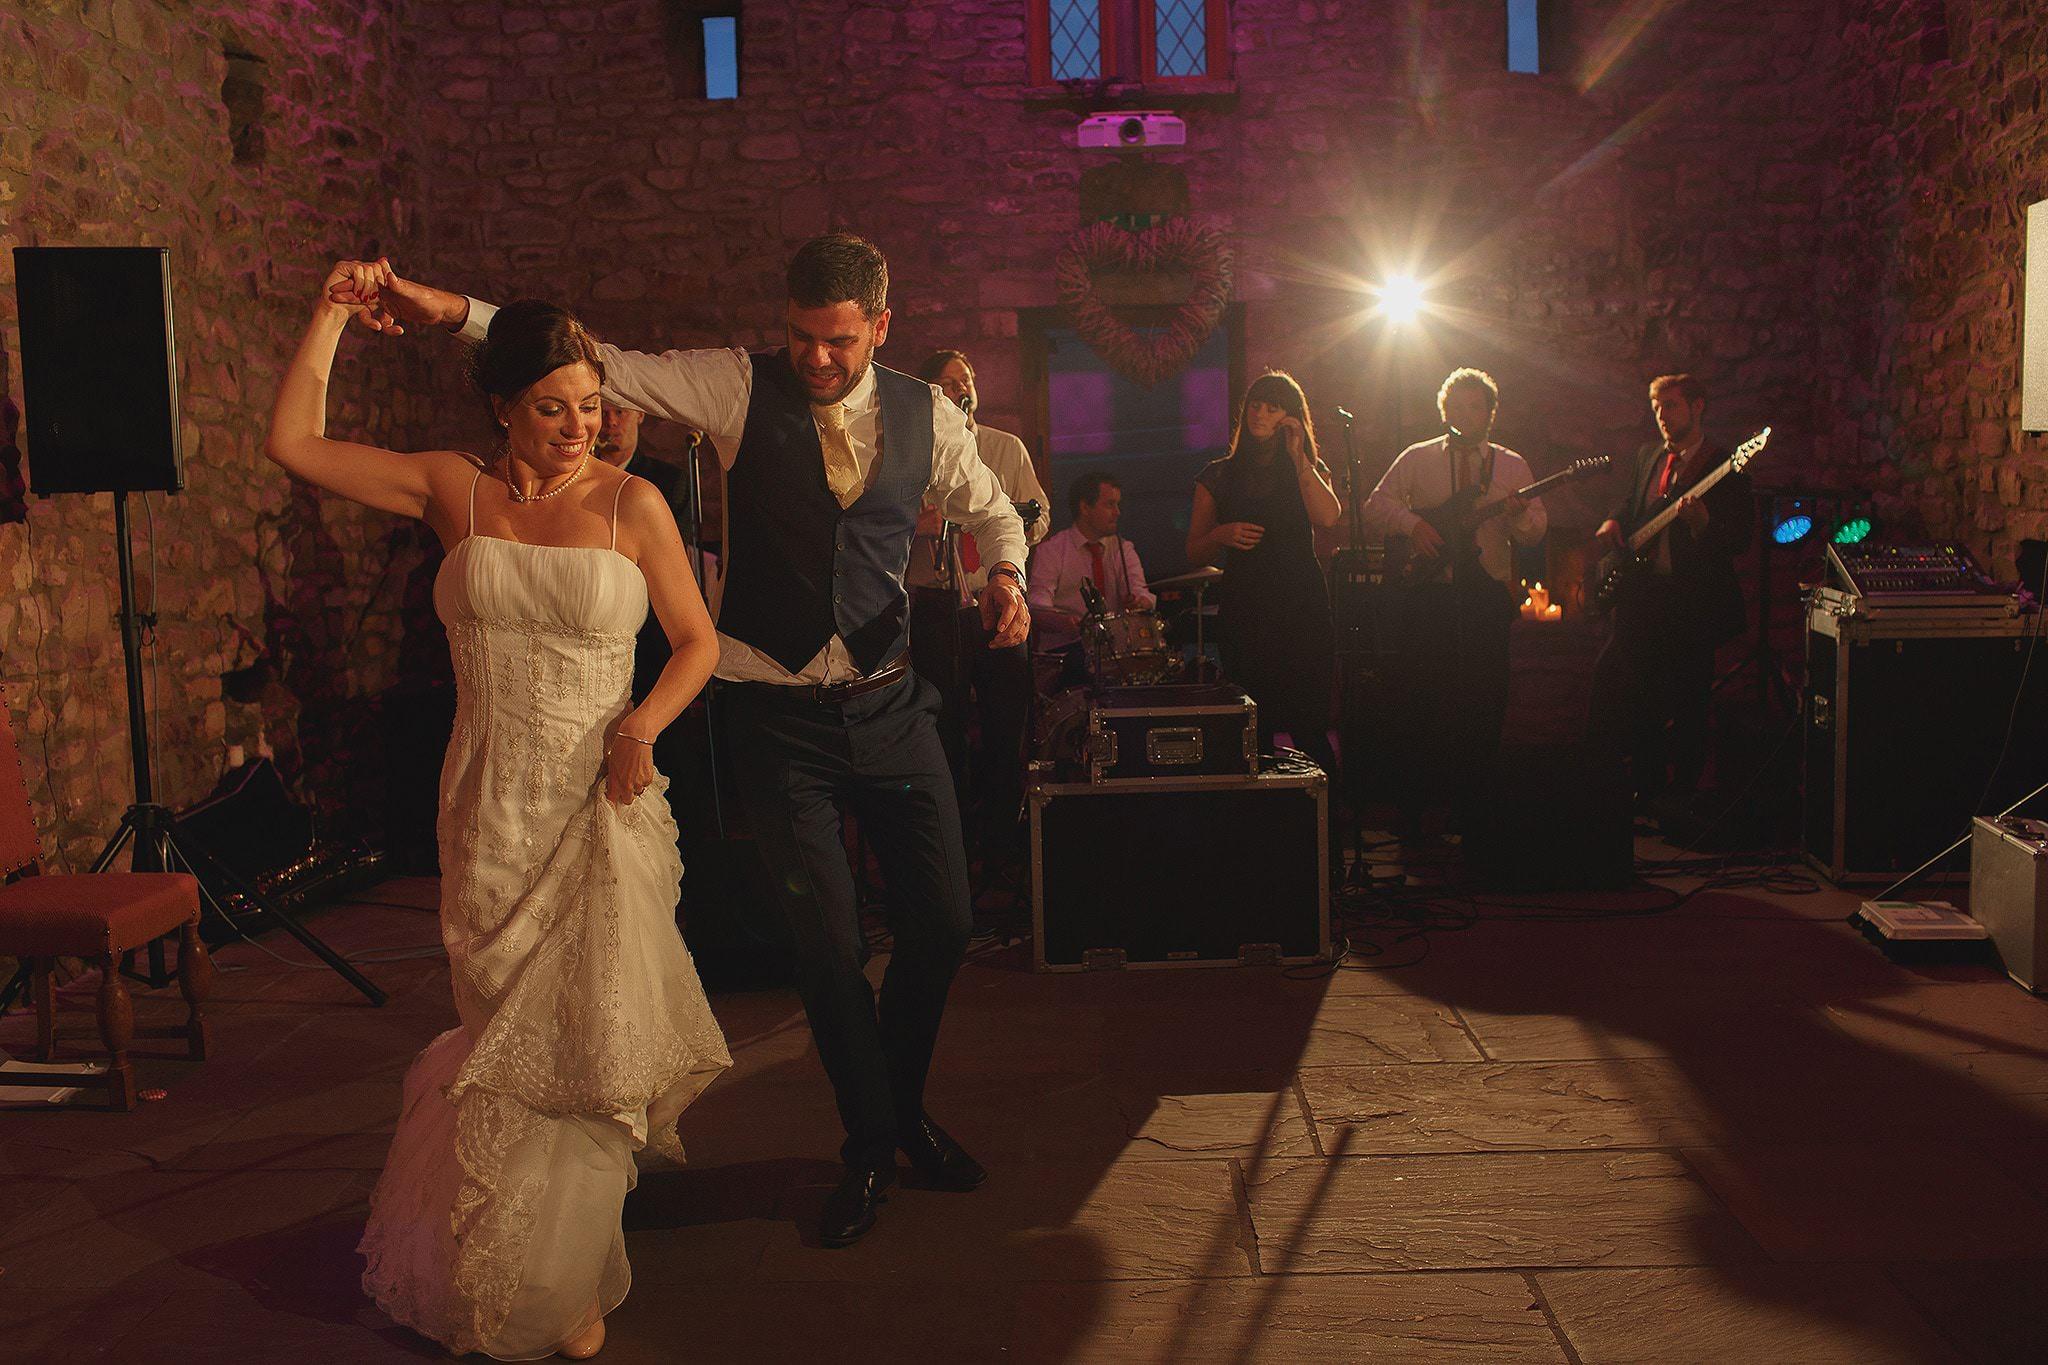 Browsholme-Hall-Wedding-Photographer-Toni-Darcy051